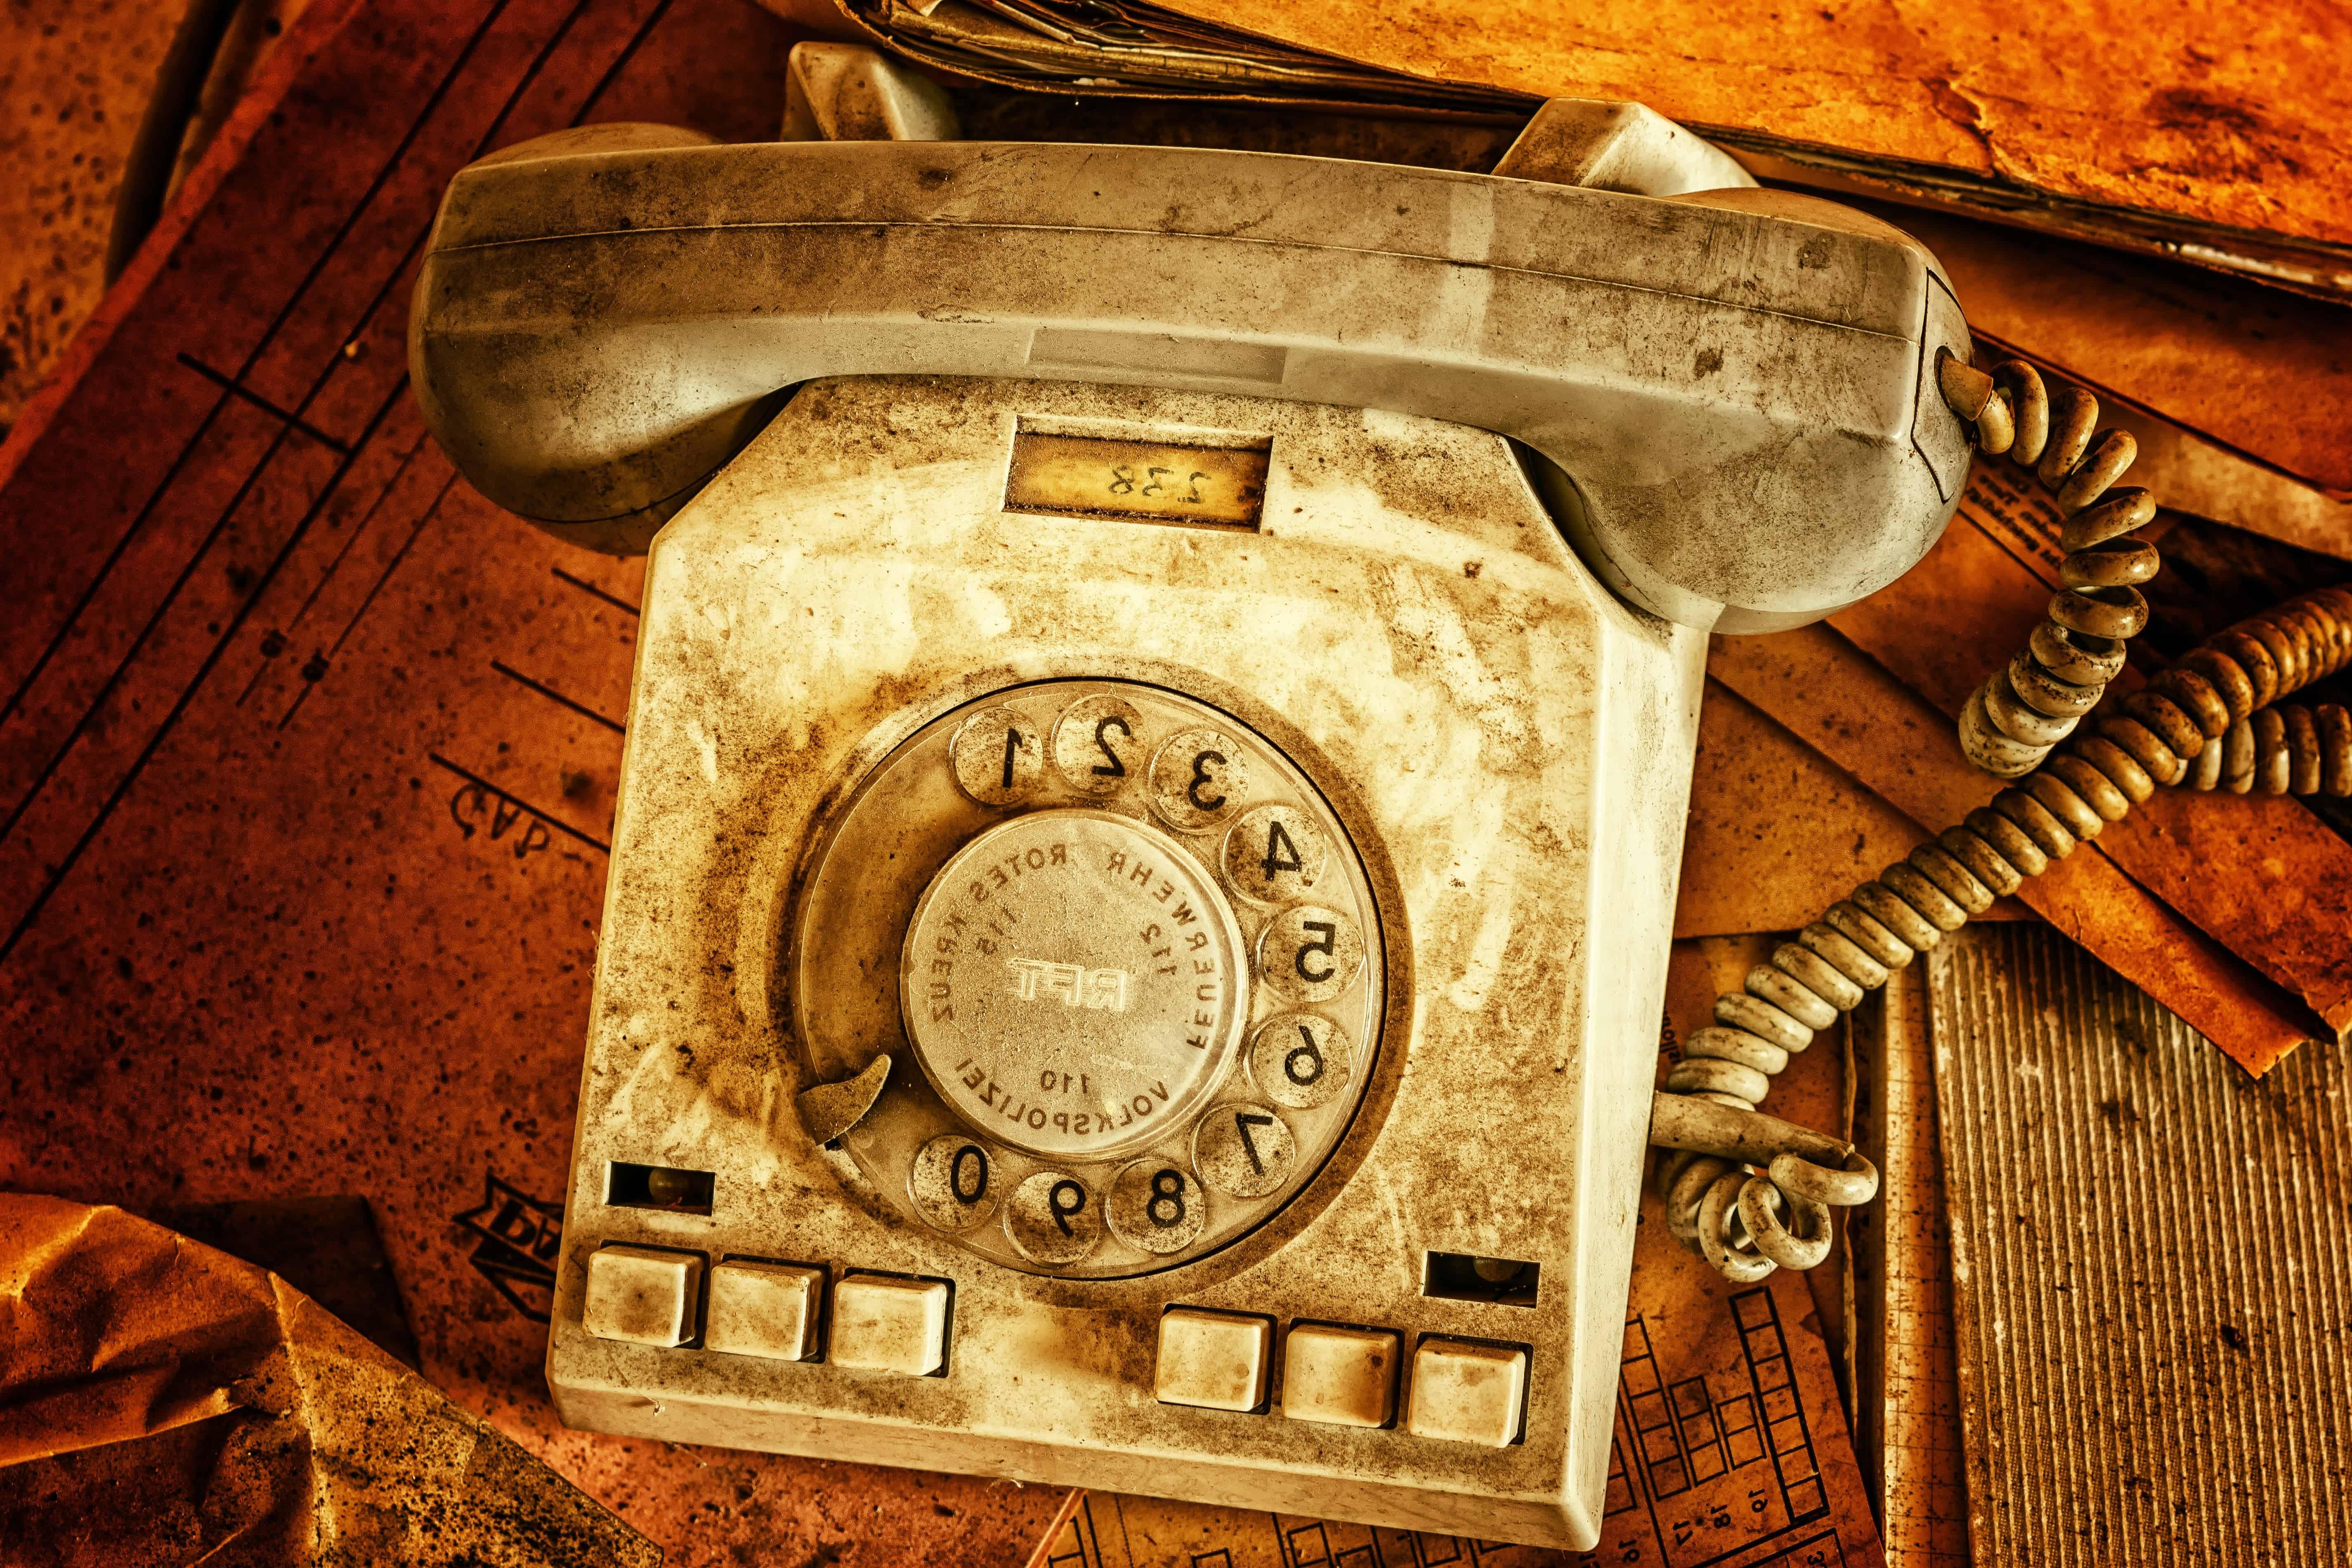 Free picture: antique, old, nostalgia, retro, classic, telephone ...